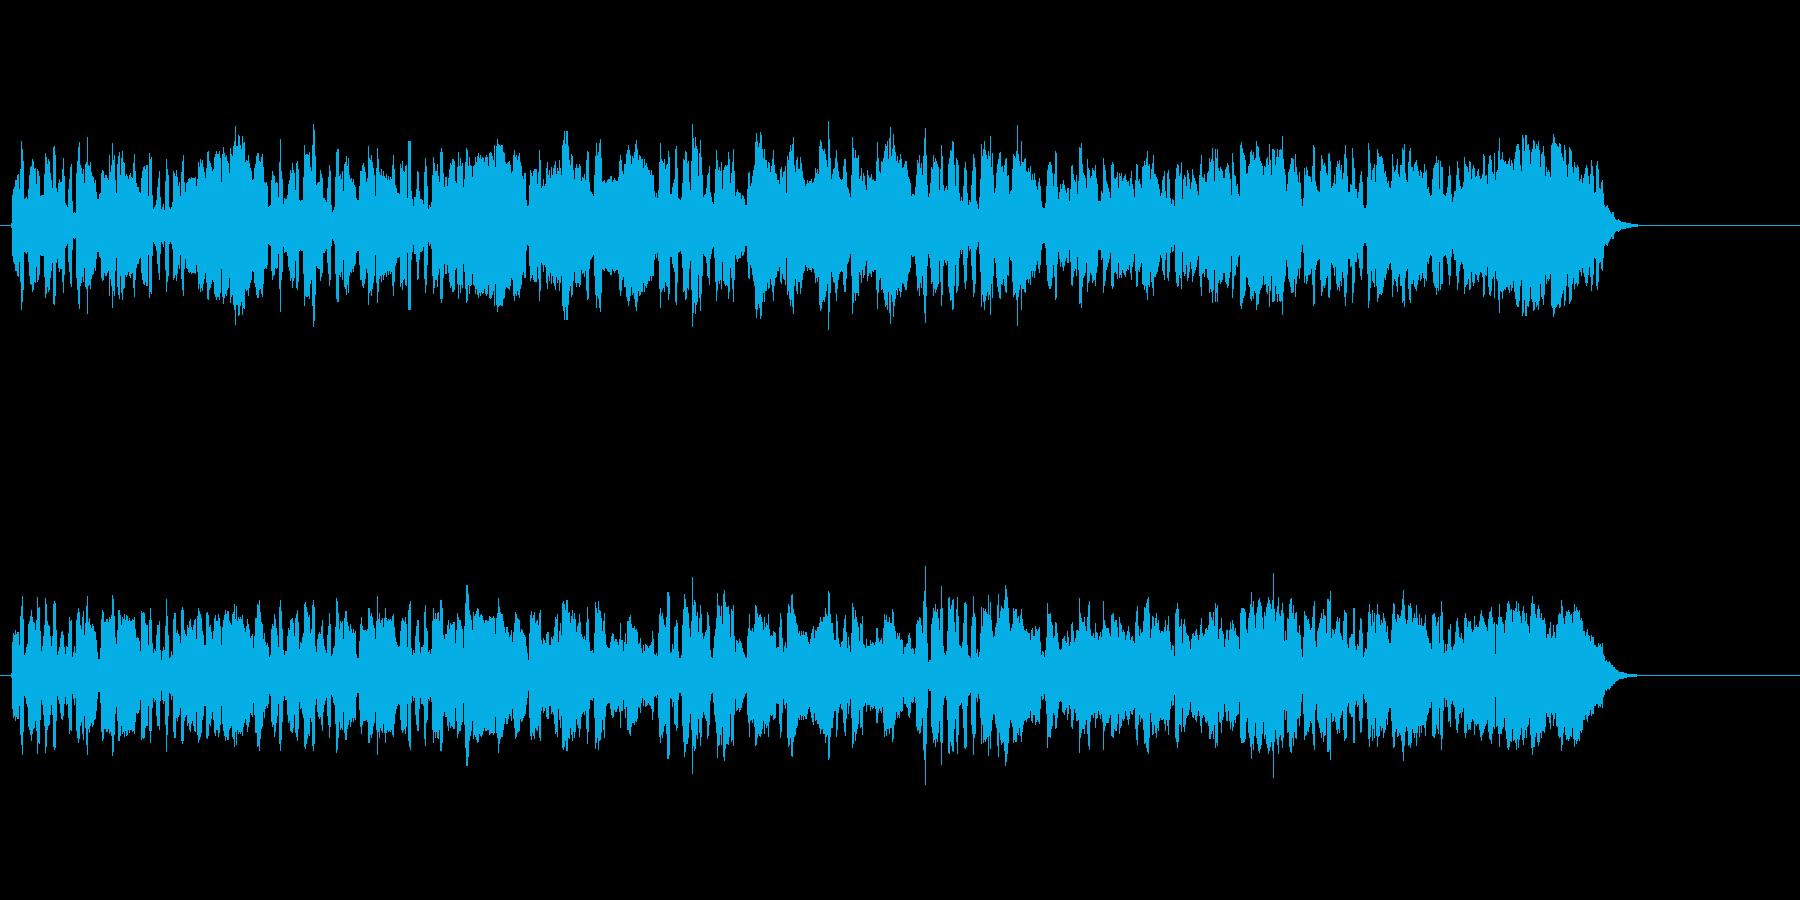 清らかな小編成クラシック楽曲の再生済みの波形